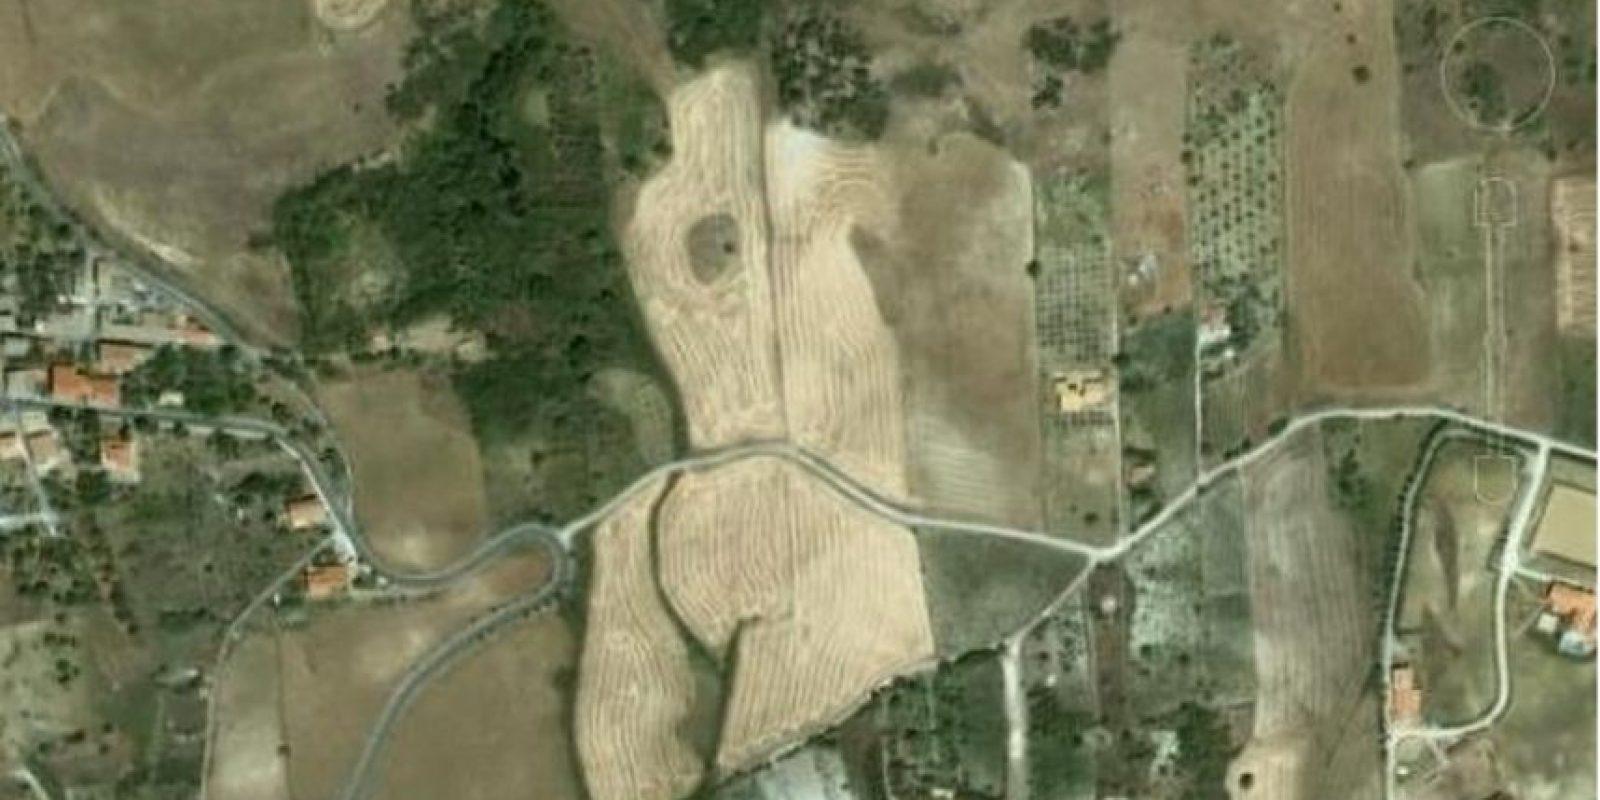 ¿Ven el cuerpo de la mujer? Foto:Google